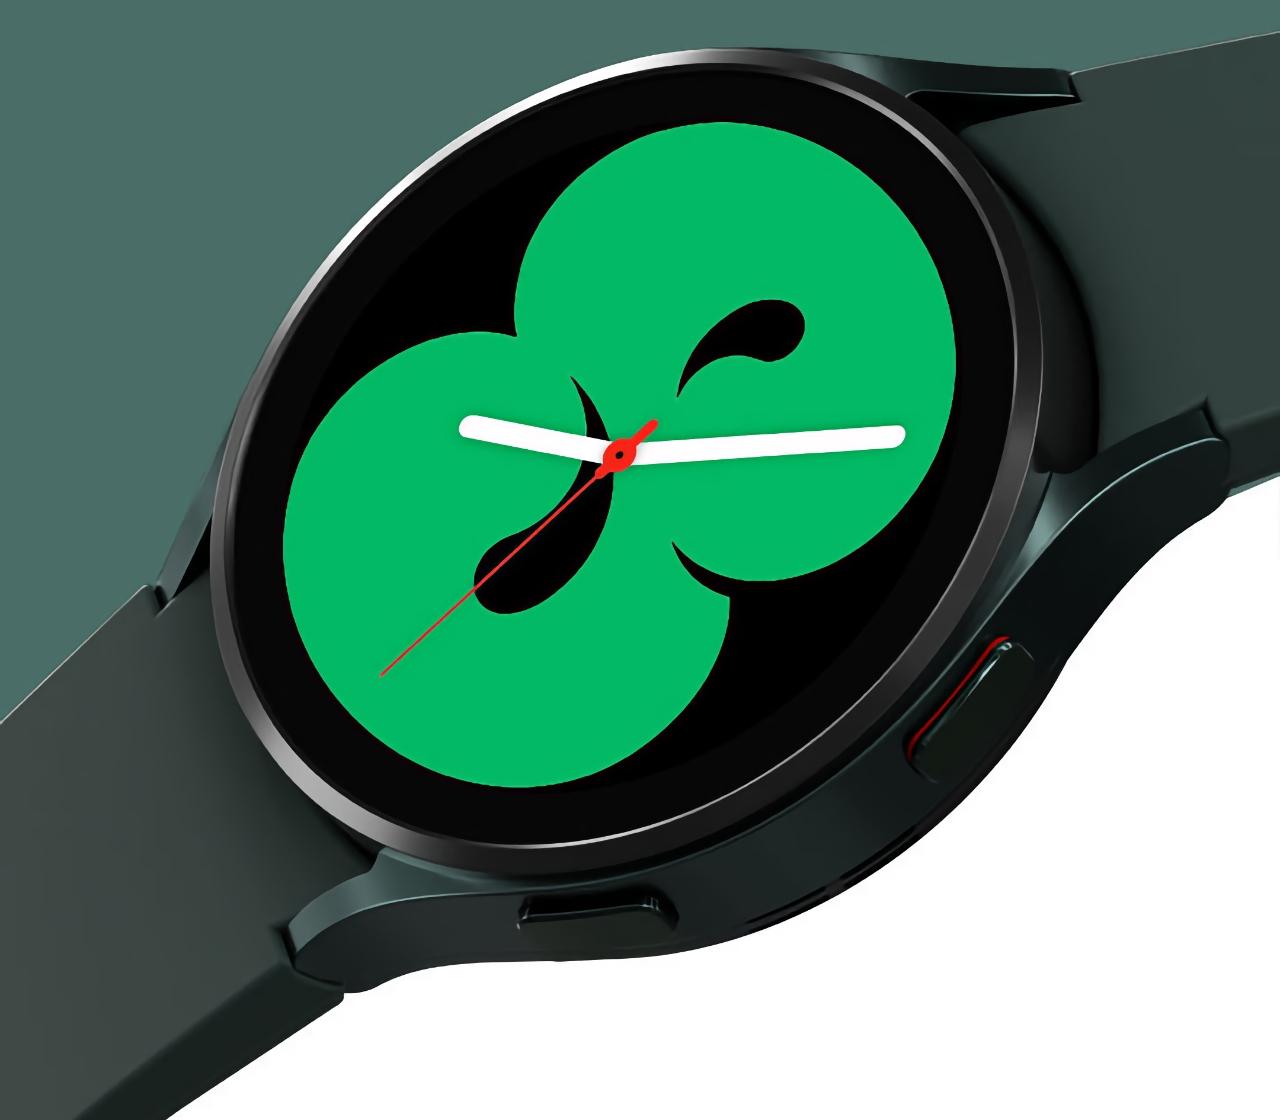 Смарт-часы Galaxy Watch 4 и Galaxy Watch 4 Classic получили крупное обновление ПО